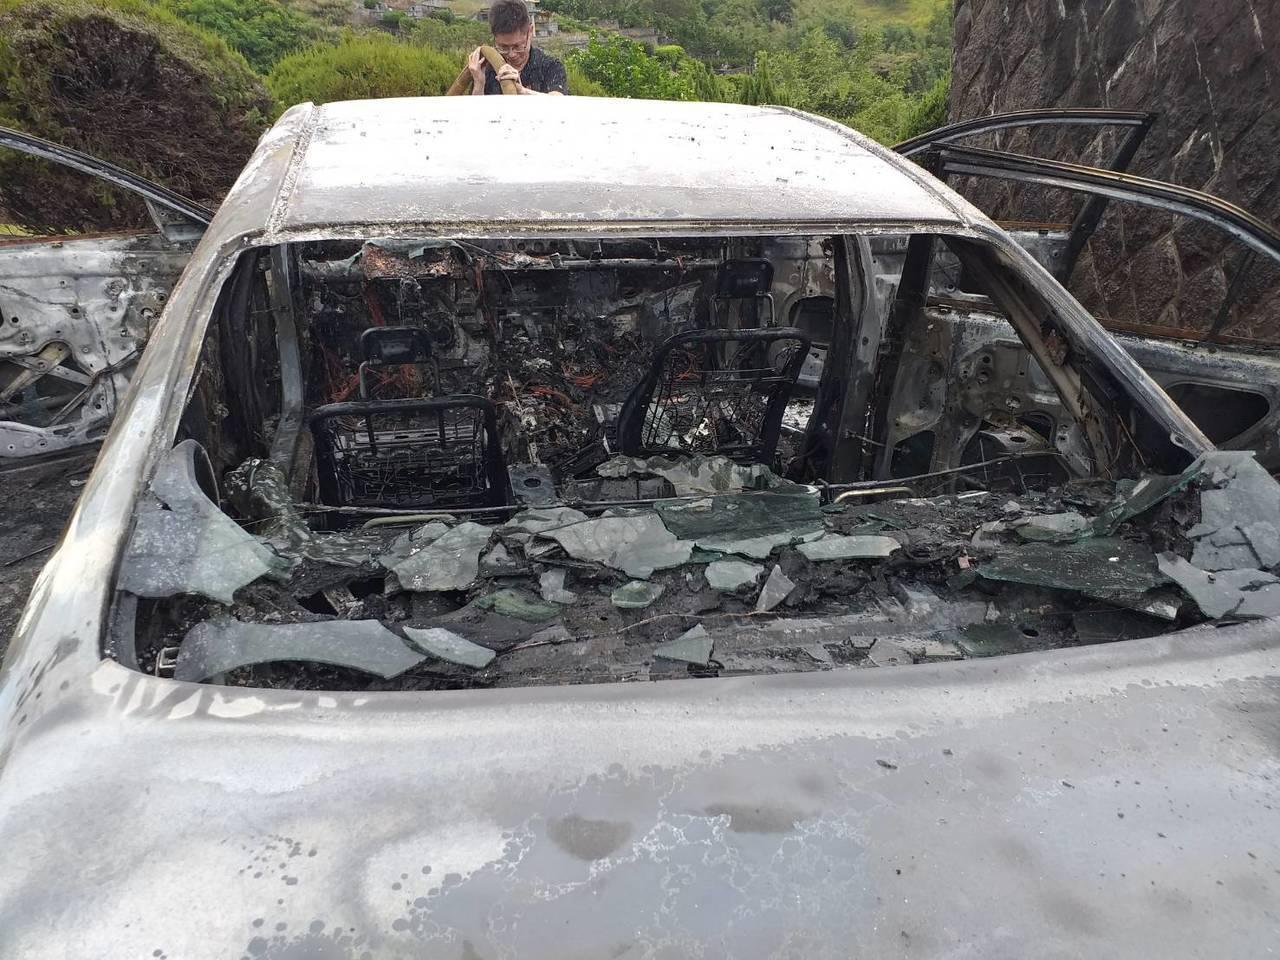 八里區長道坑偏遠山區,今天中午發生一起火燒車意外,火勢撲滅車內已燒個精光。記者林...